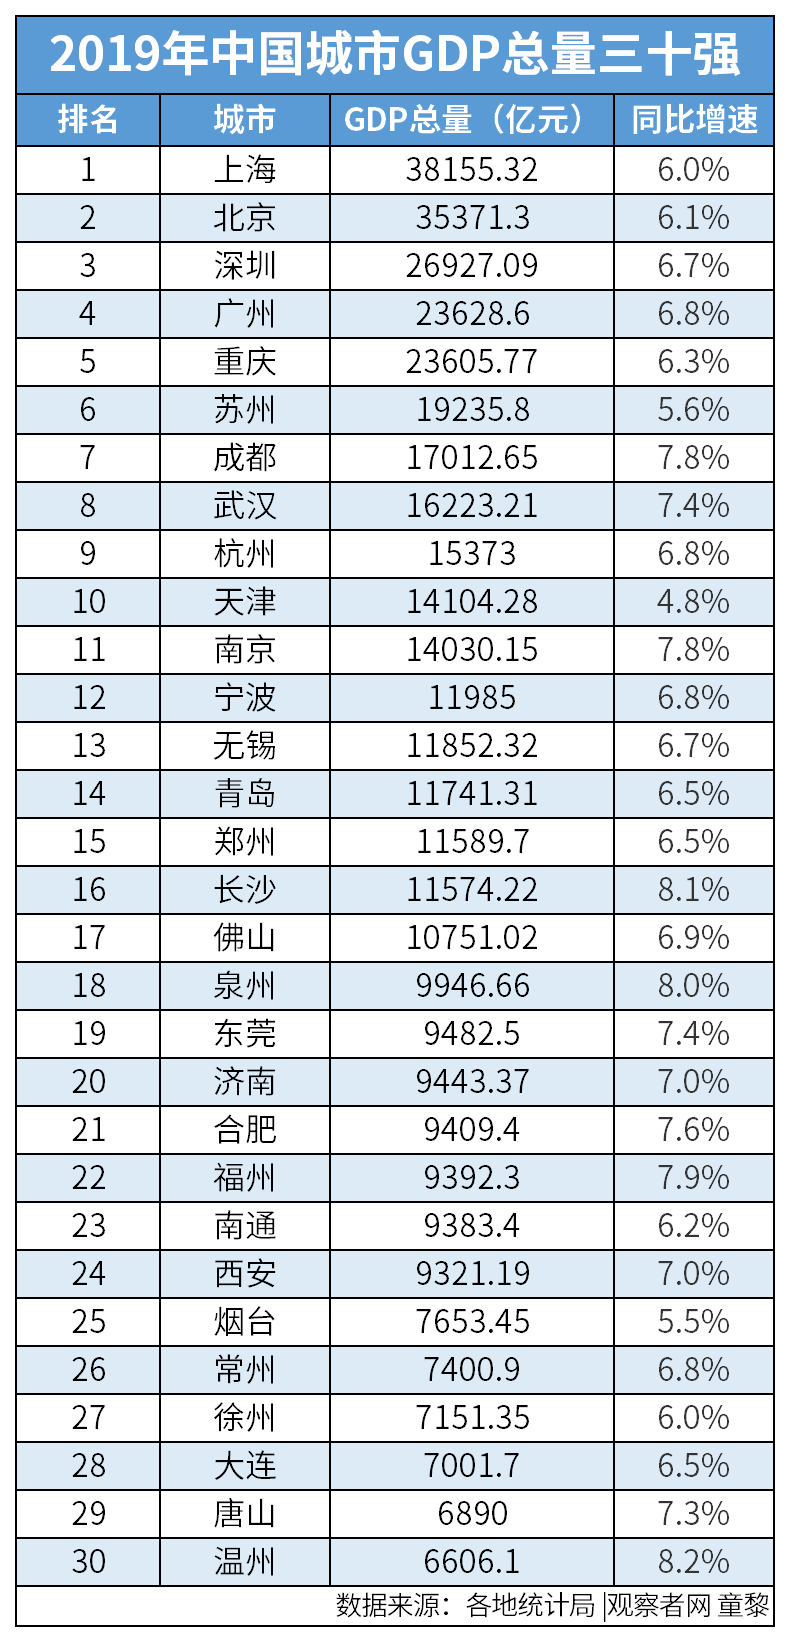 内蒙古人均gdp_内蒙古gdp统计表格